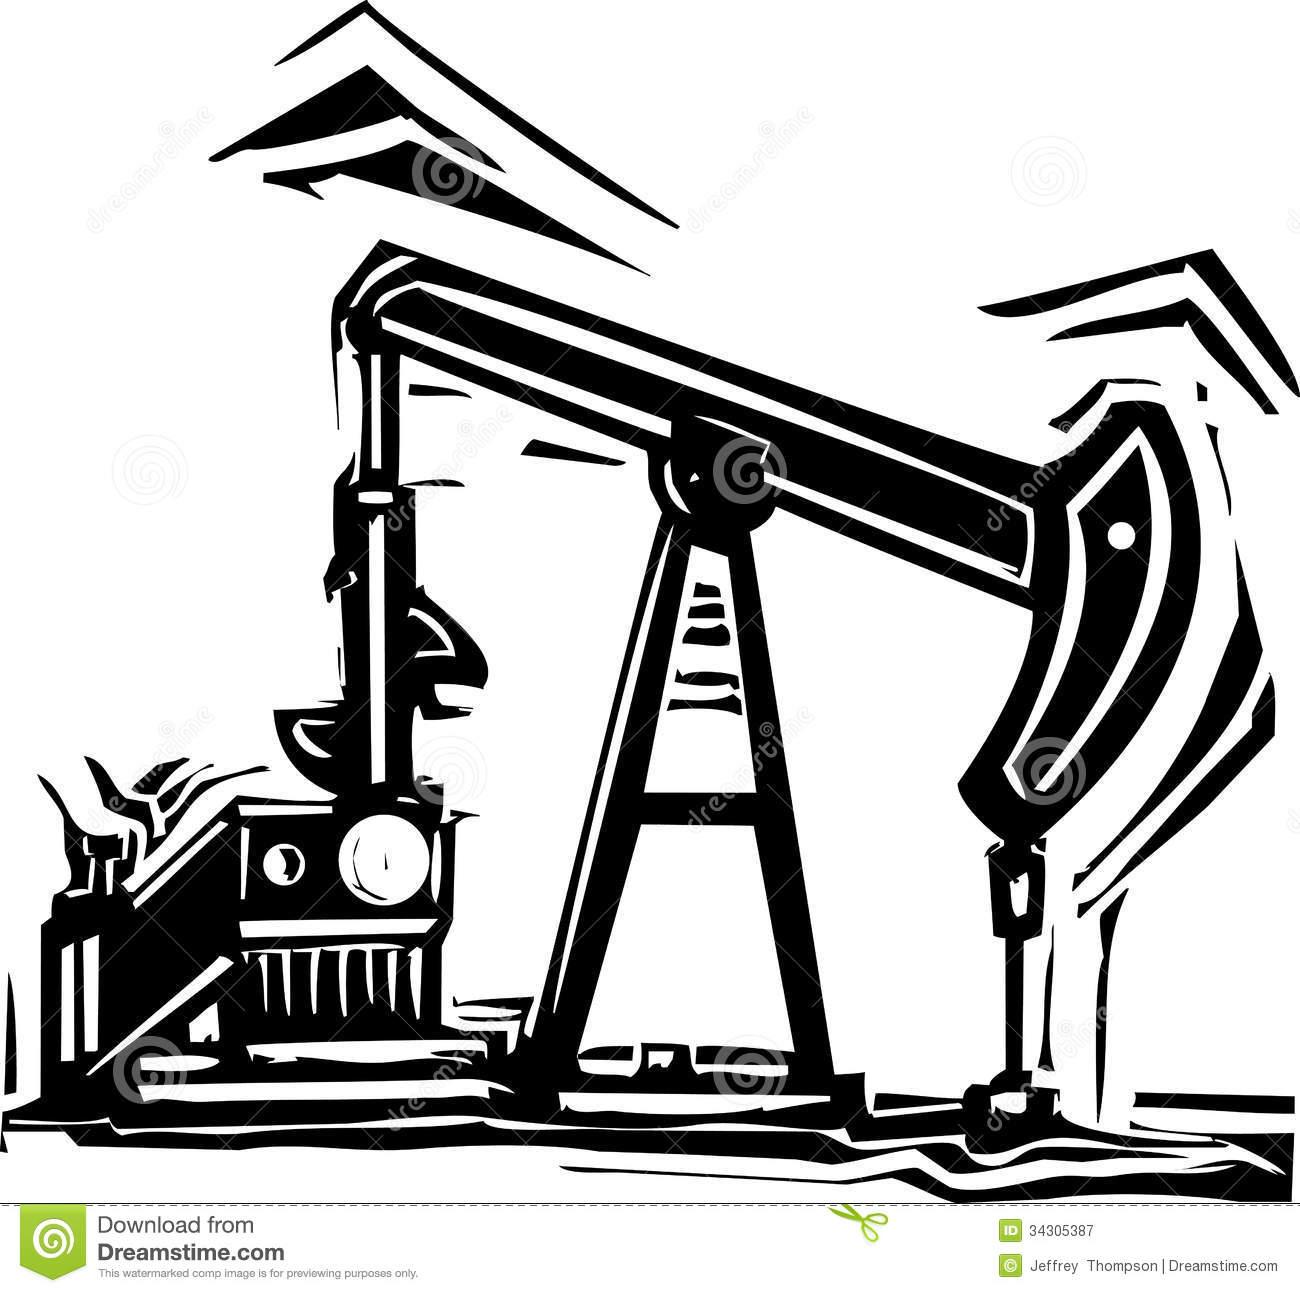 Go Back Images For Oil Well Gusher Clipa-Go Back Images For Oil Well Gusher Clipart-12